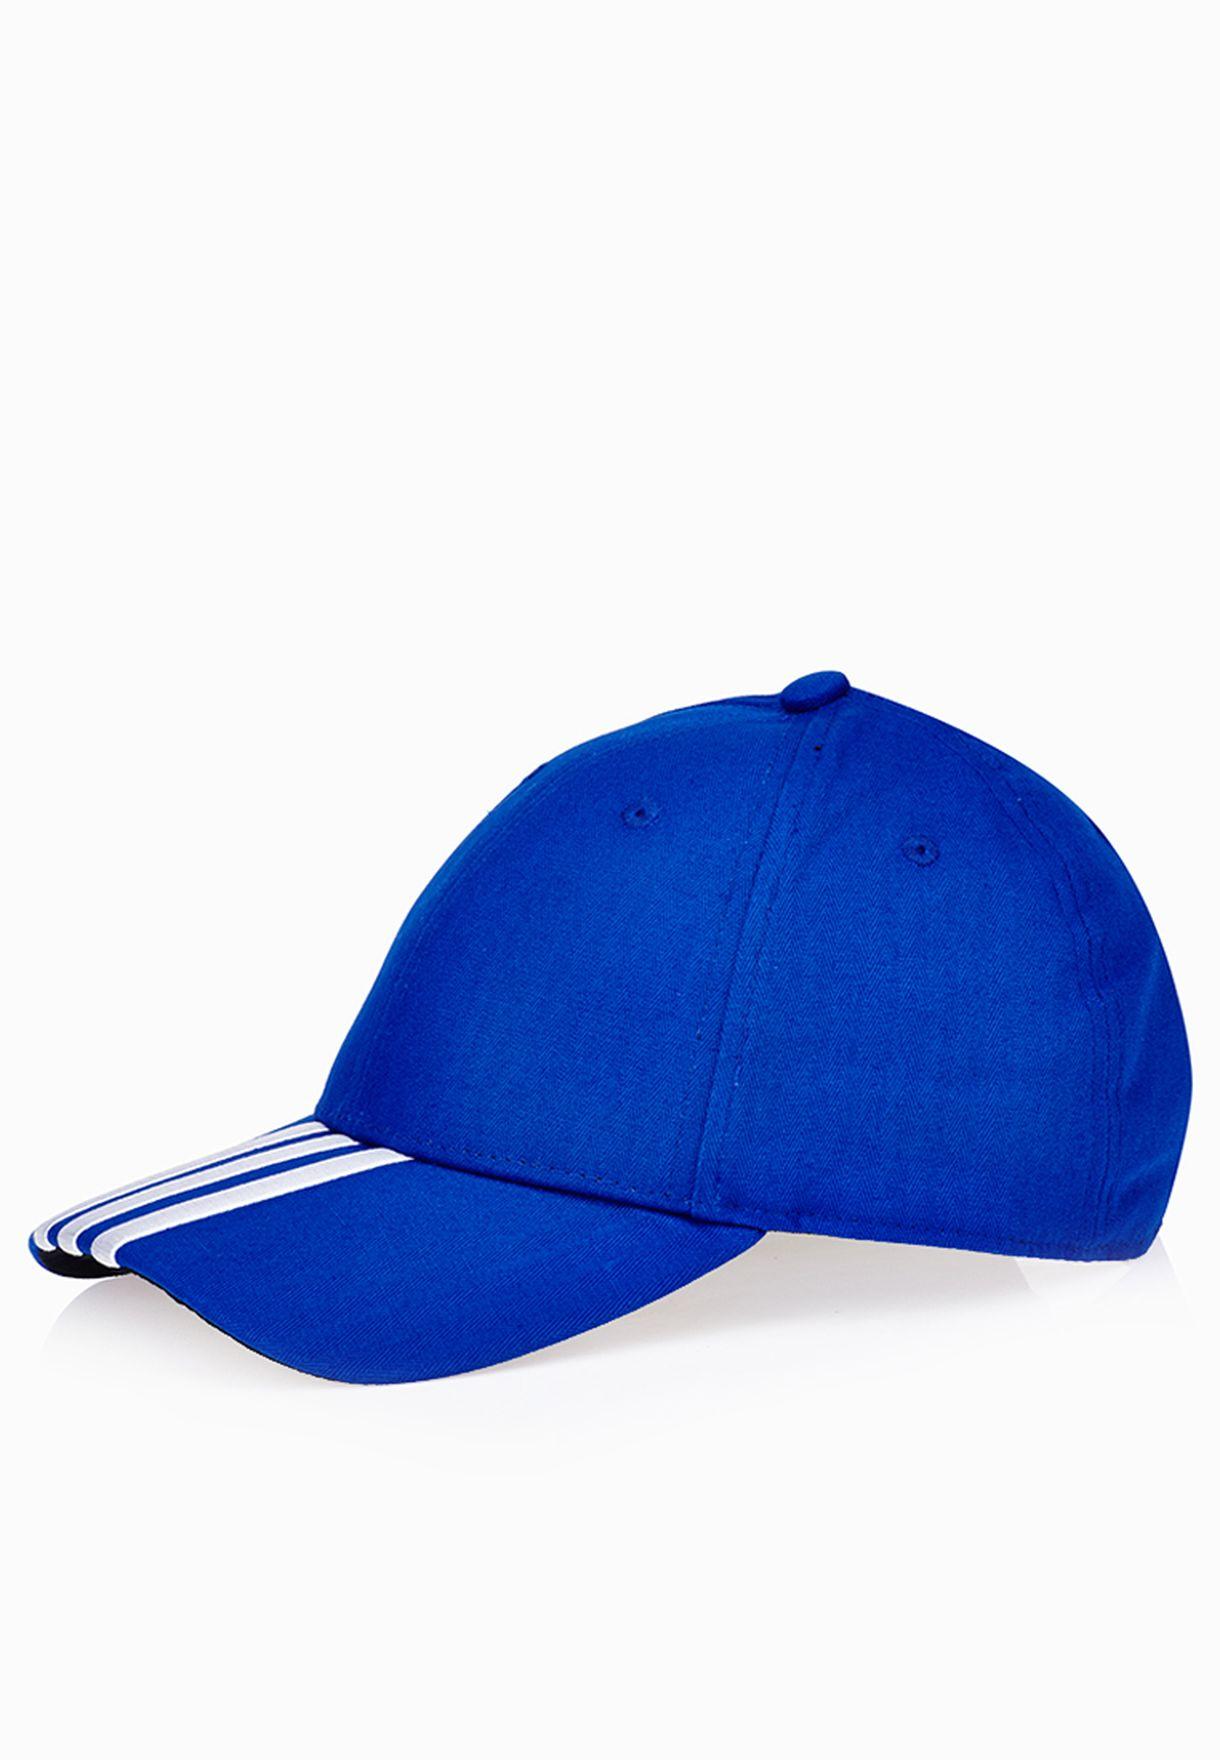 a28a0c8c8ff Shop adidas blue Tiro Cap S30288 for Men in Qatar - AD476AC70GQZ